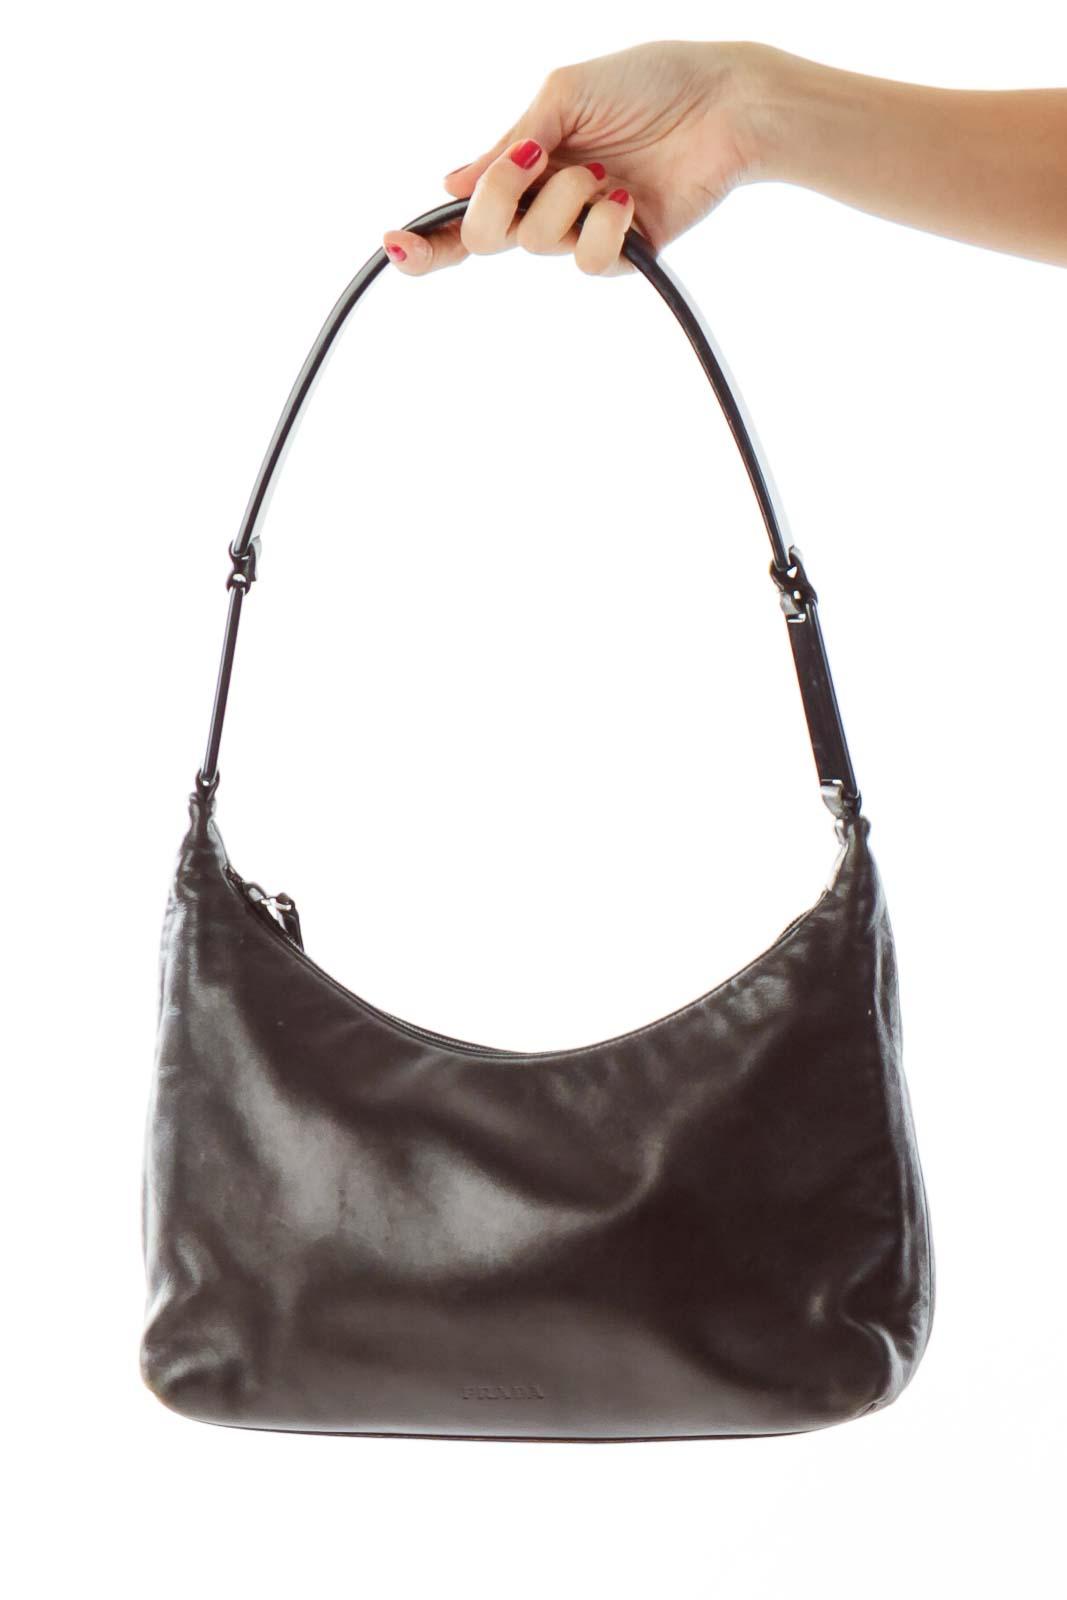 Black Plastic Handle Shoulder Bag Front